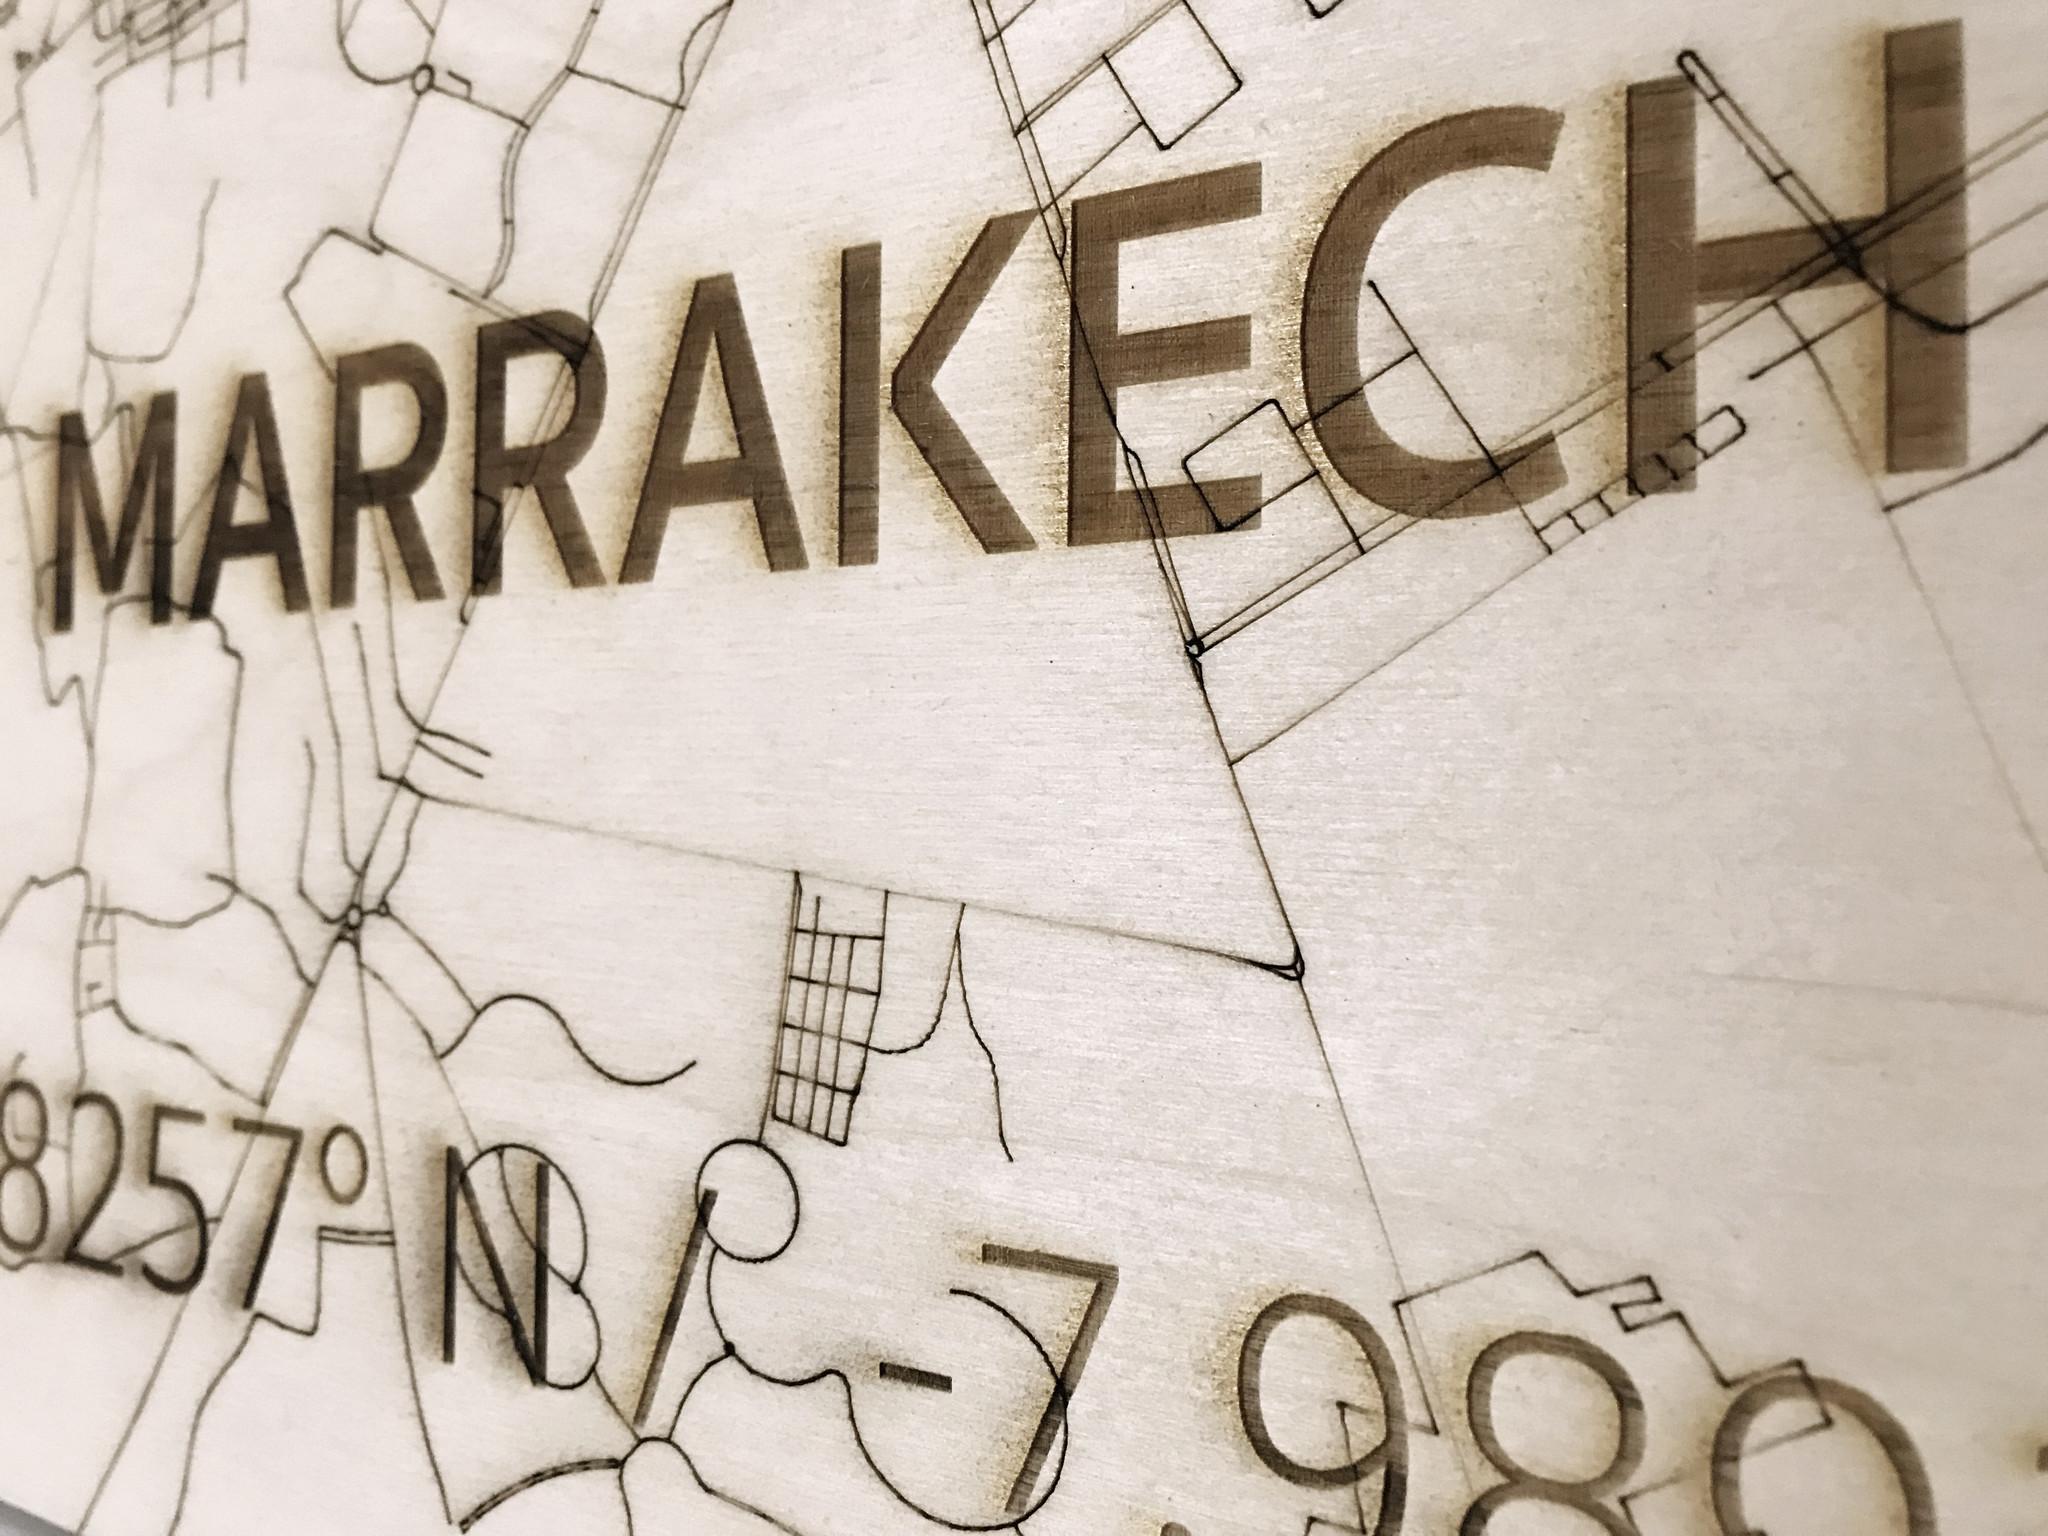 Stadtplan Marrakech | Wanddekoration Holz-4